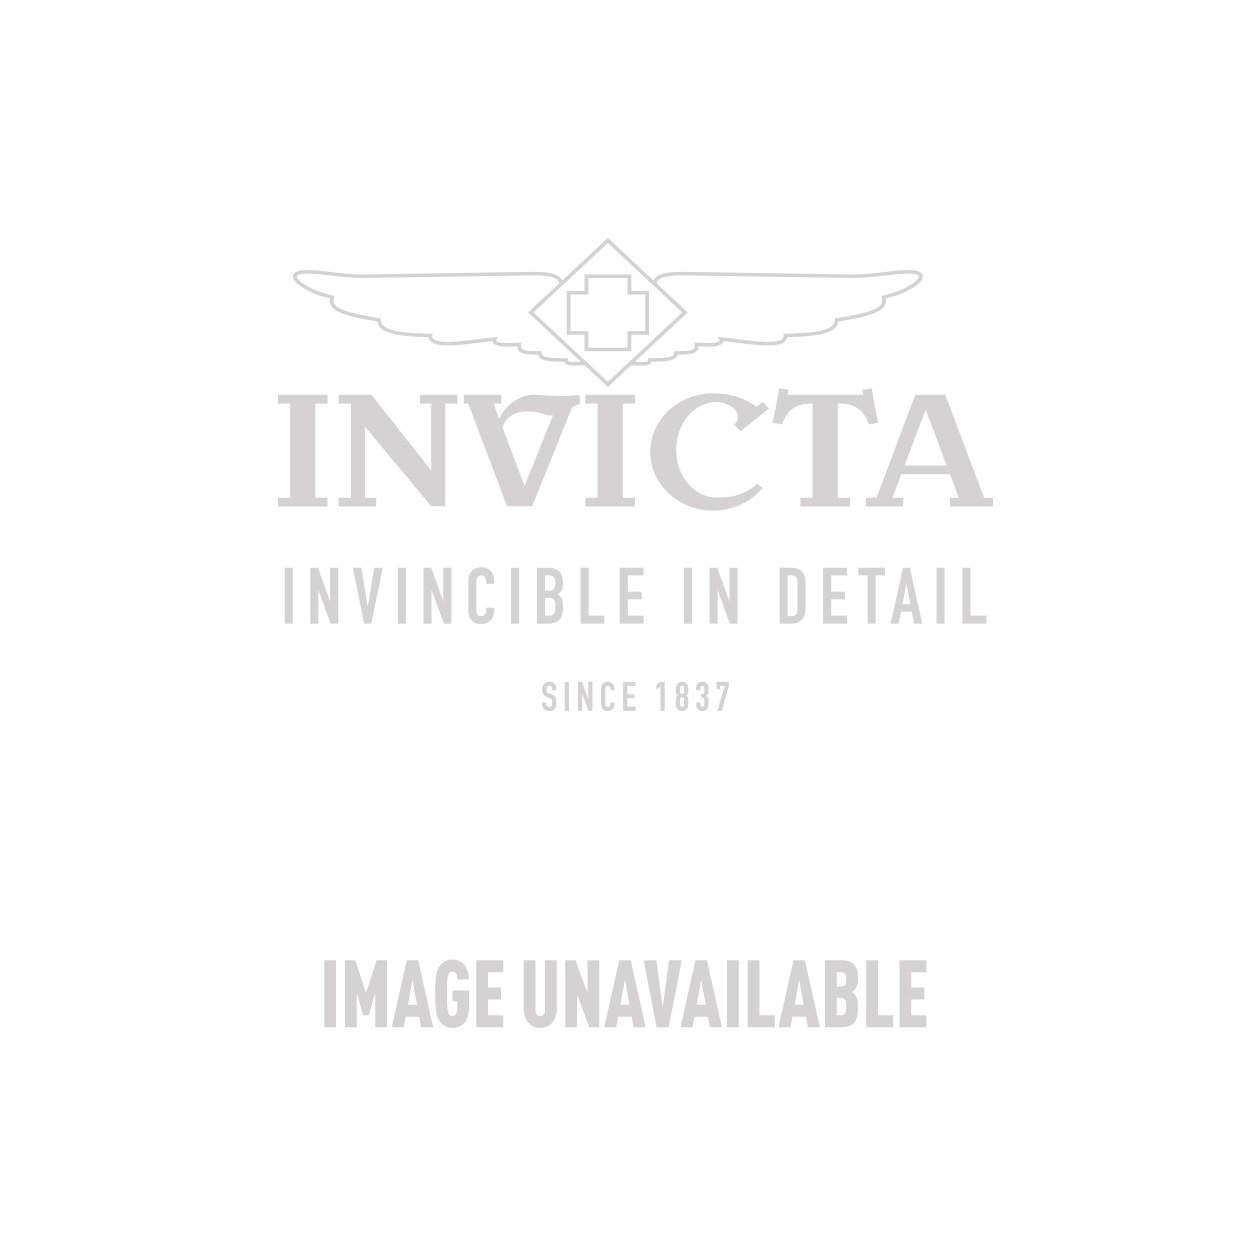 Invicta Model 27219